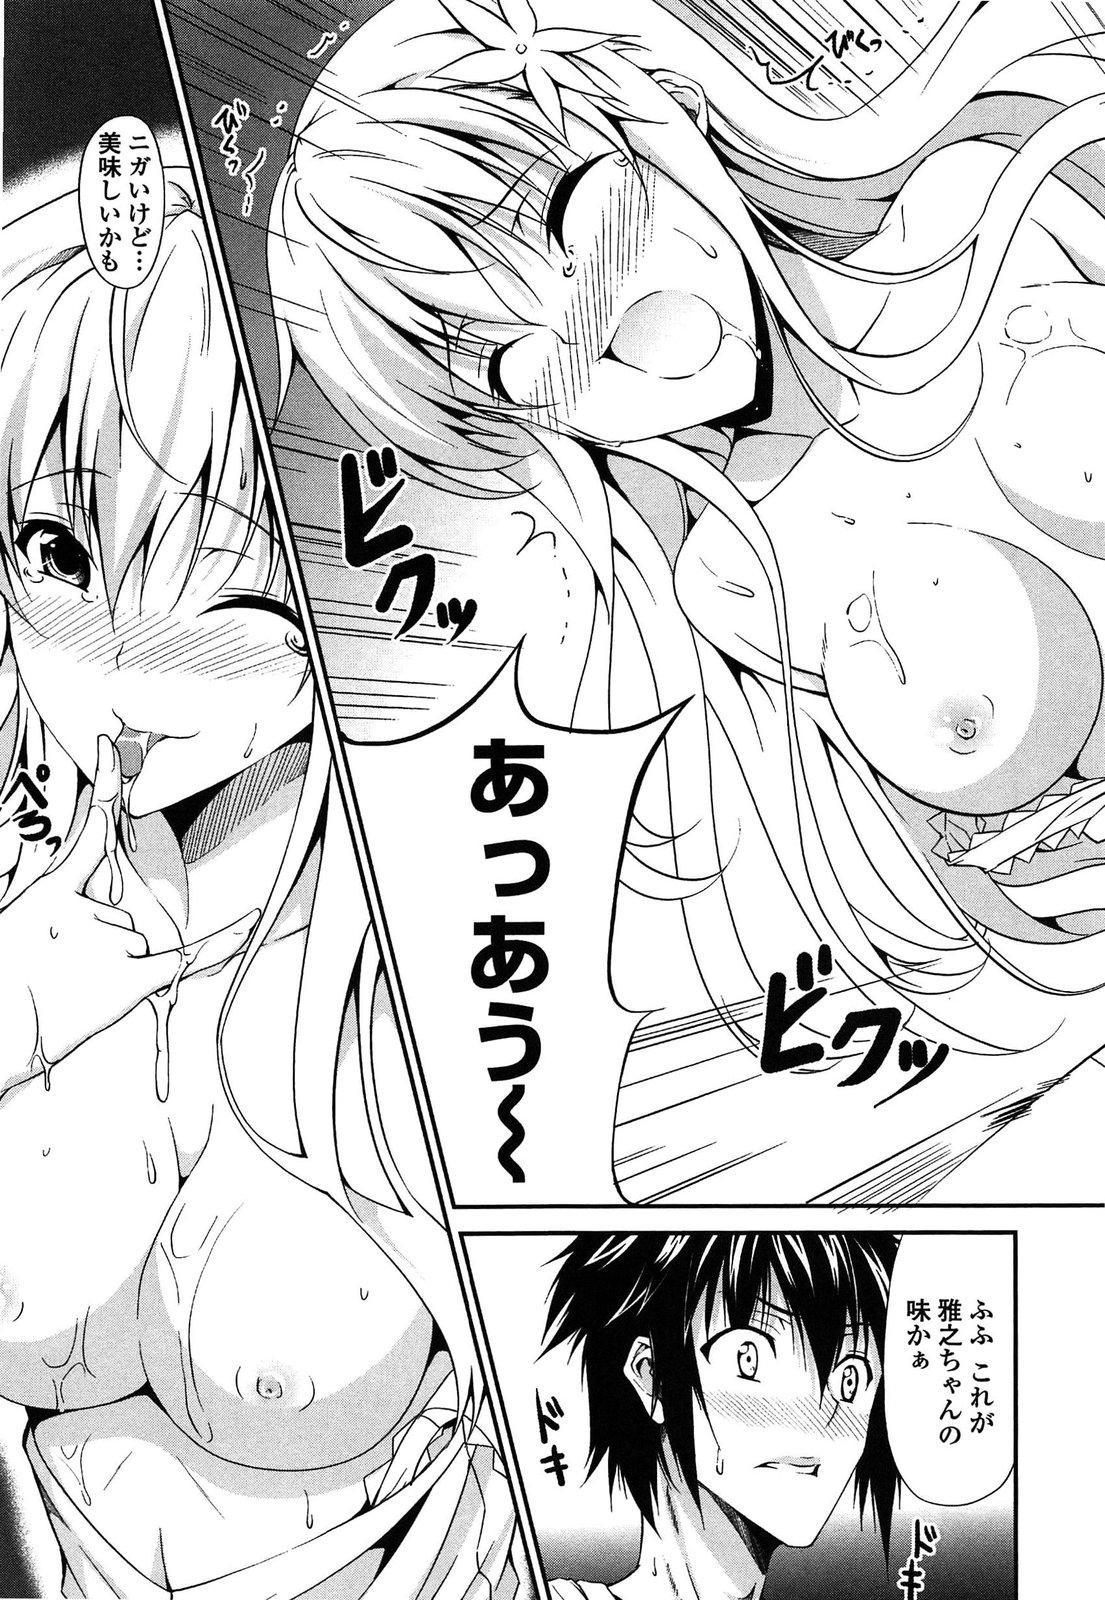 Itsu Sex Suru no, Ima Desho! 91